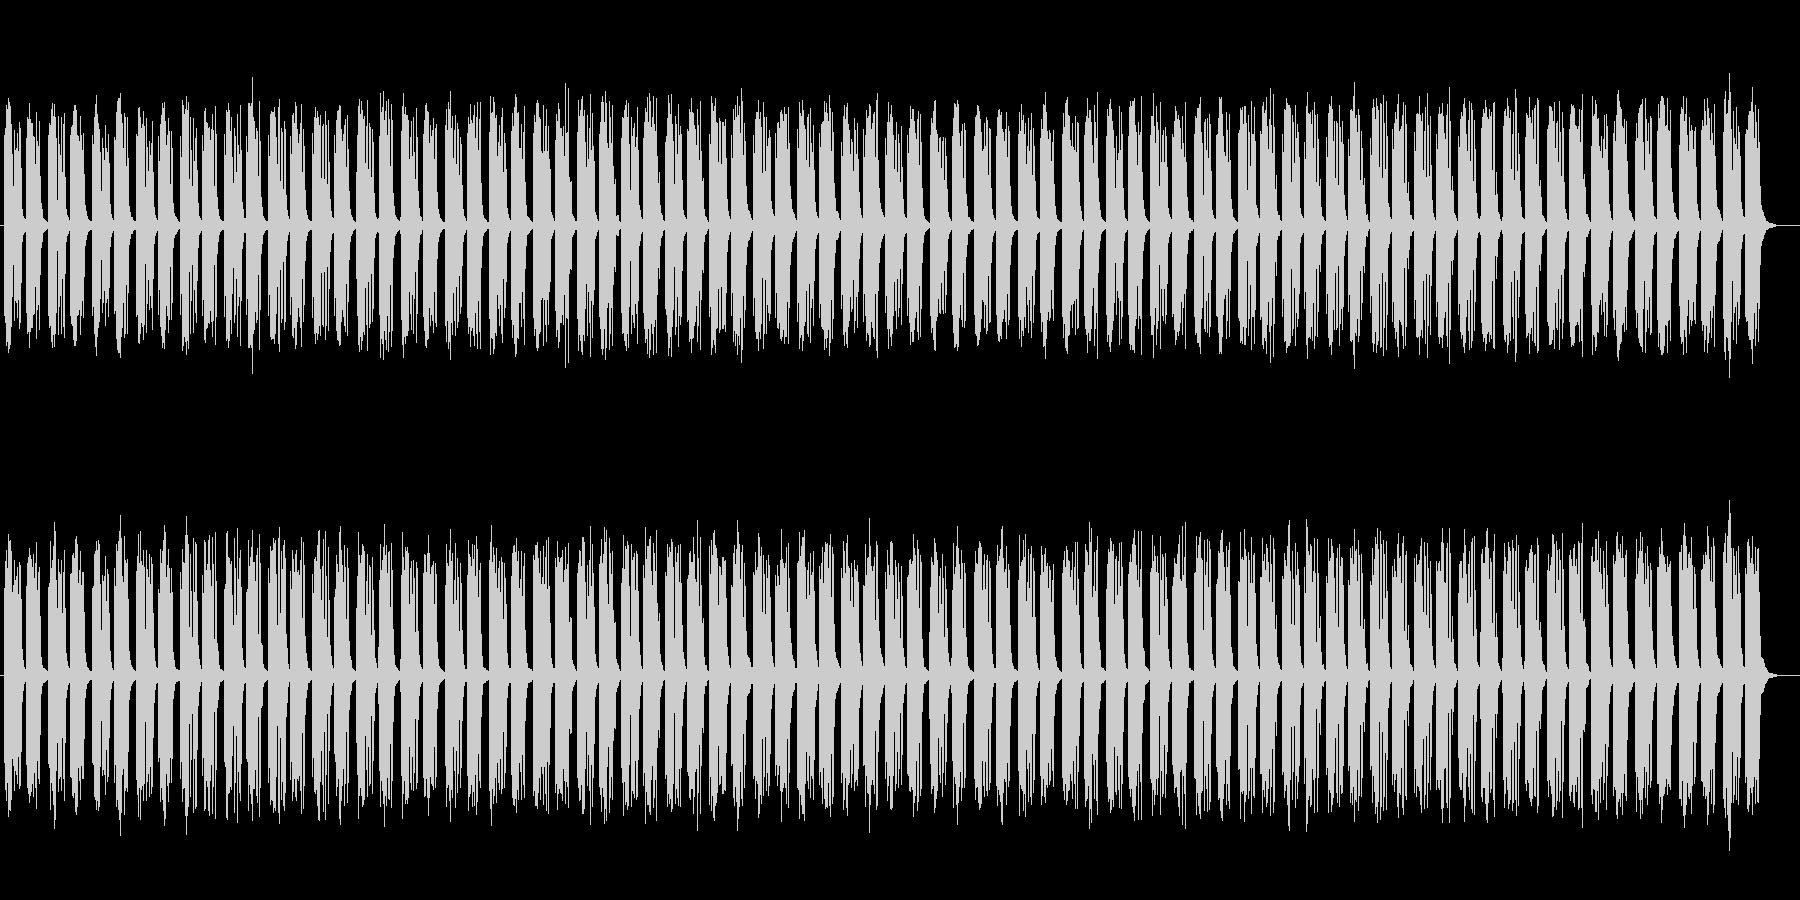 ファンタジーな木琴シンセサイザーサウンドの未再生の波形